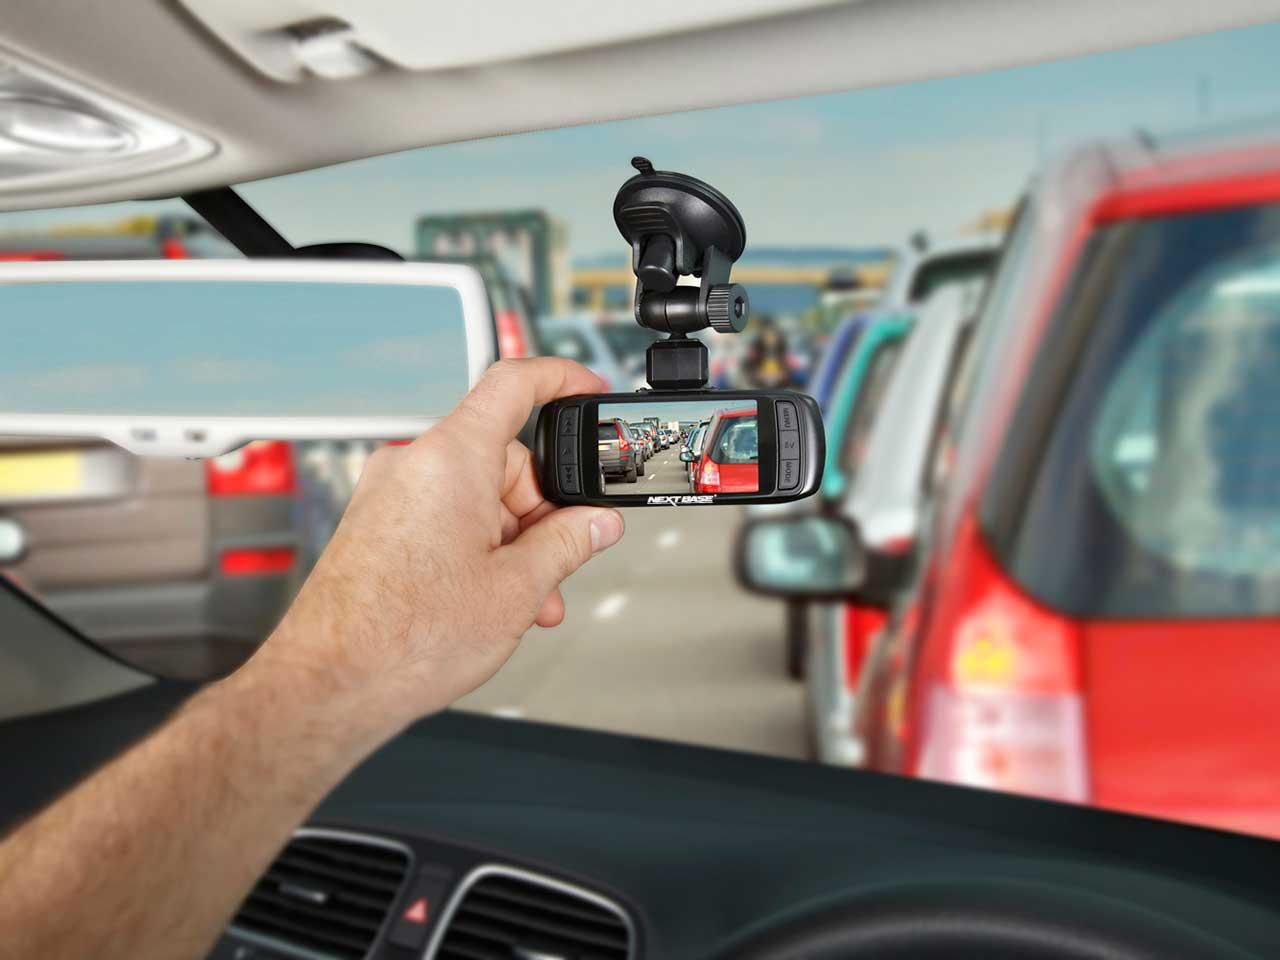 Should you install a dash cam?